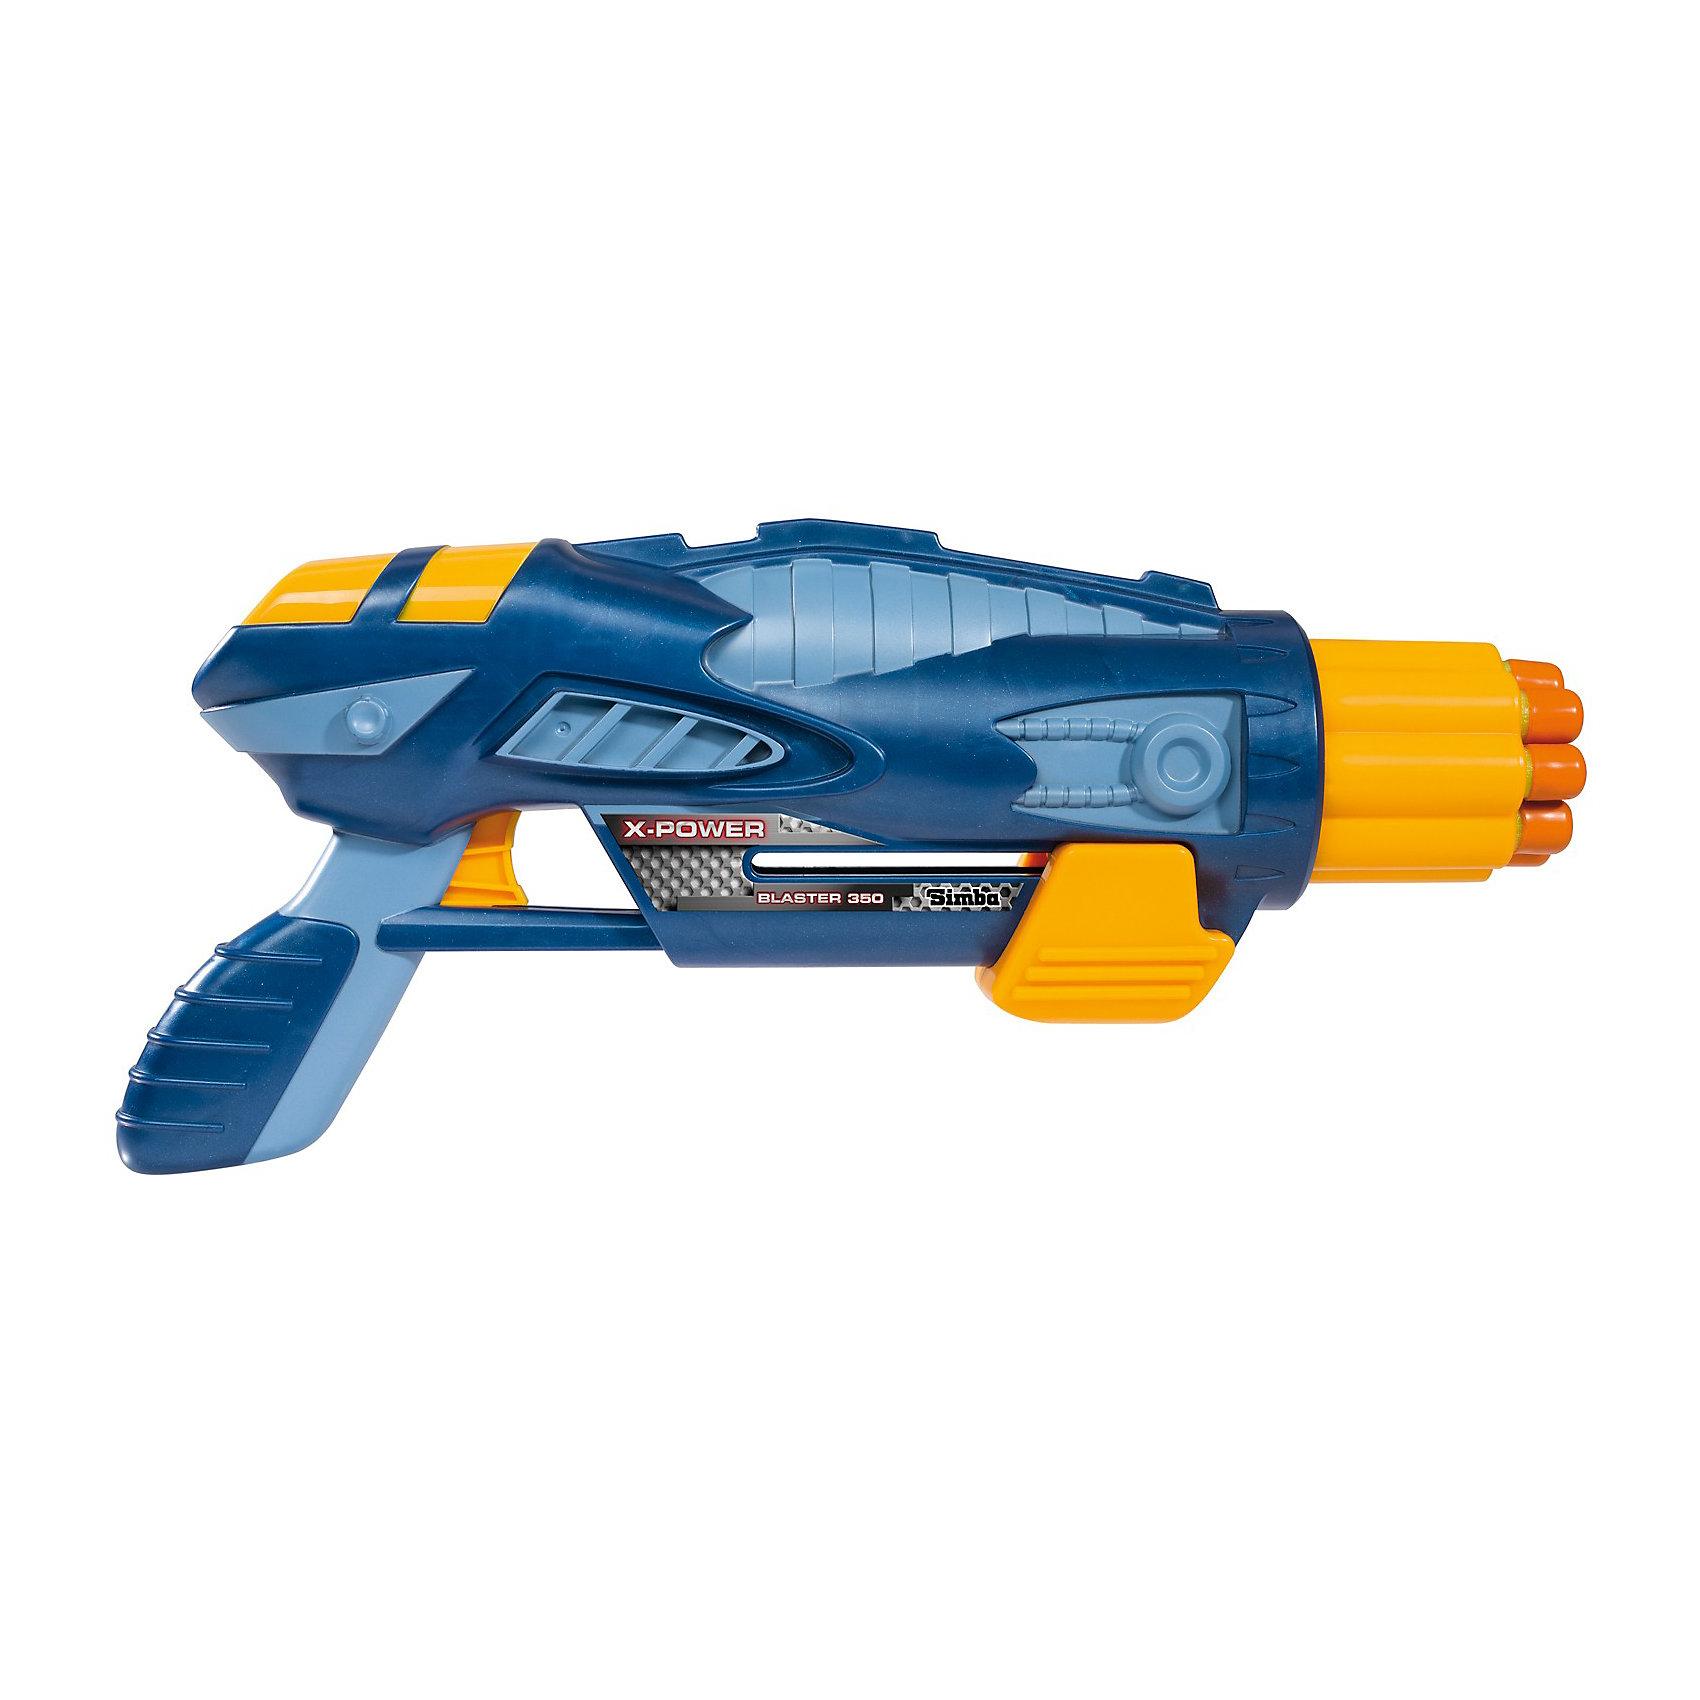 Simba Бластер Х-Пауэр, в ассортиментеИгрушечное оружие<br>Бластер Simba с эффектным дизайном очень порадует вашего ребенка. В наборе ружье и 8 патронов. Дальность полета патронов - 10 м. С таким бластером Ваш ребенок станет настоящим звездным воином!<br><br>Дополнительная информация:<br><br>- Материал: высококачественная пластмасса<br>- Размер игрушки: 35 см.<br>- Размер упаковки: 38 х 6,8 х 20 м.<br>- Вес: 0,600 кг.<br>- Цвет в ассортименте. <br><br>Игрушка развивает меткость, хороший глазомер и ловкость<br>купить бластер можно в нашем магазине<br><br>ВНИМАНИЕ! Данный артикул имеется в наличии в разных цветовых исполнениях (сине-голубой и черно-серый). К сожалению, заранее выбрать определенный цвет не возможно.<br><br>Ширина мм: 385<br>Глубина мм: 70<br>Высота мм: 205<br>Вес г: 668<br>Возраст от месяцев: 36<br>Возраст до месяцев: 2147483647<br>Пол: Мужской<br>Возраст: Детский<br>SKU: 2261073